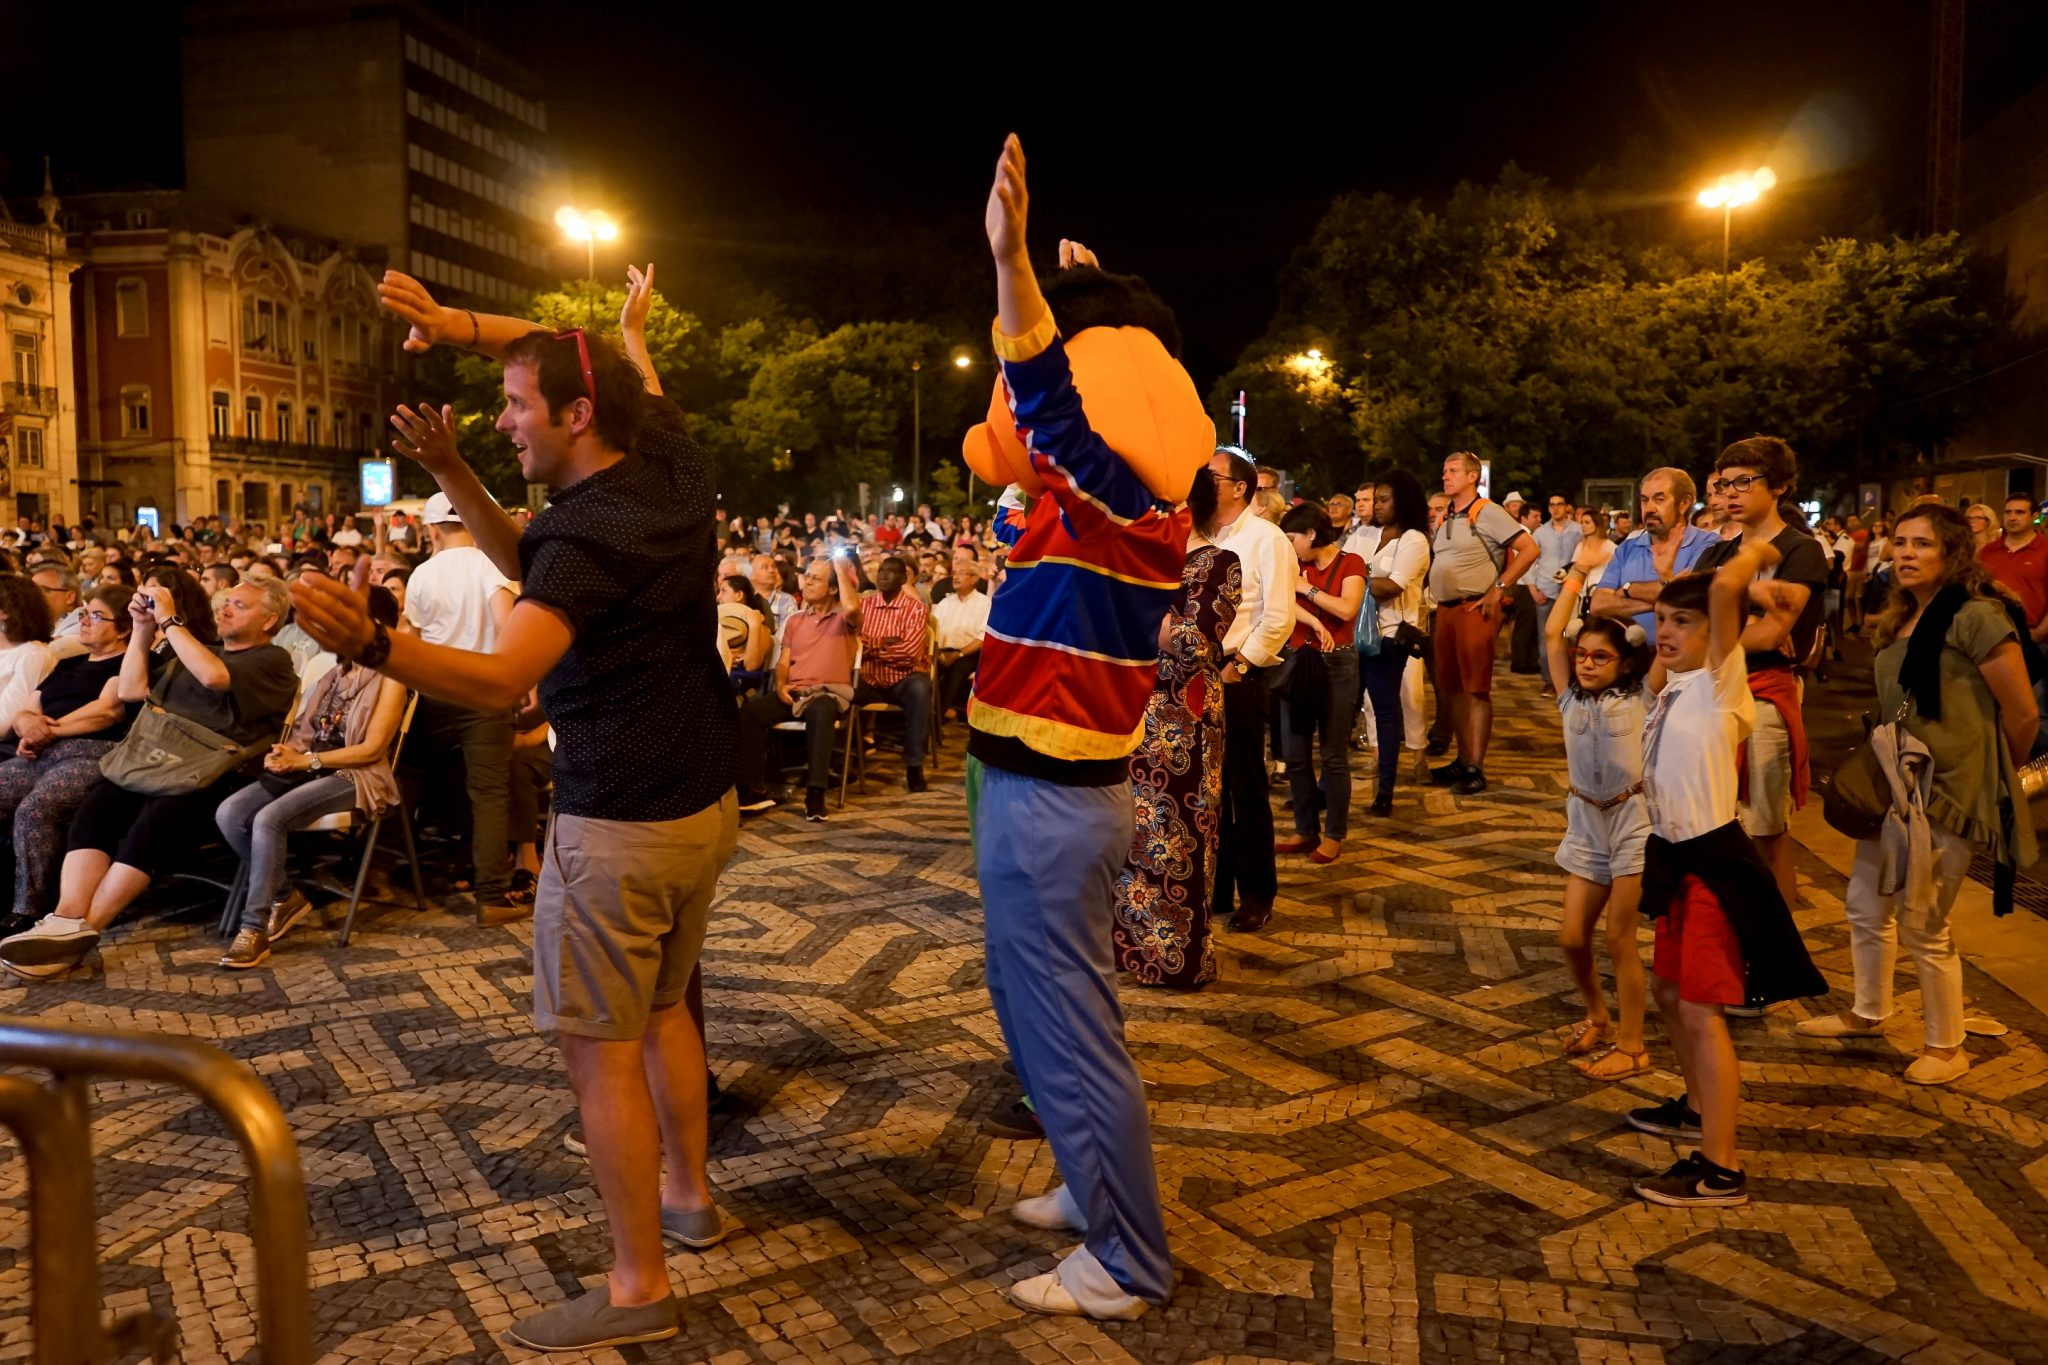 De lado para o observador, alguns espetadores de várias idades ondulam os braços no ar ao ritmo da música. Ao centro, um dos espetadores está vestido de Egas, personagem da Rua Sésamo. O concerto acontece na Praça dos Restaurados à noite.